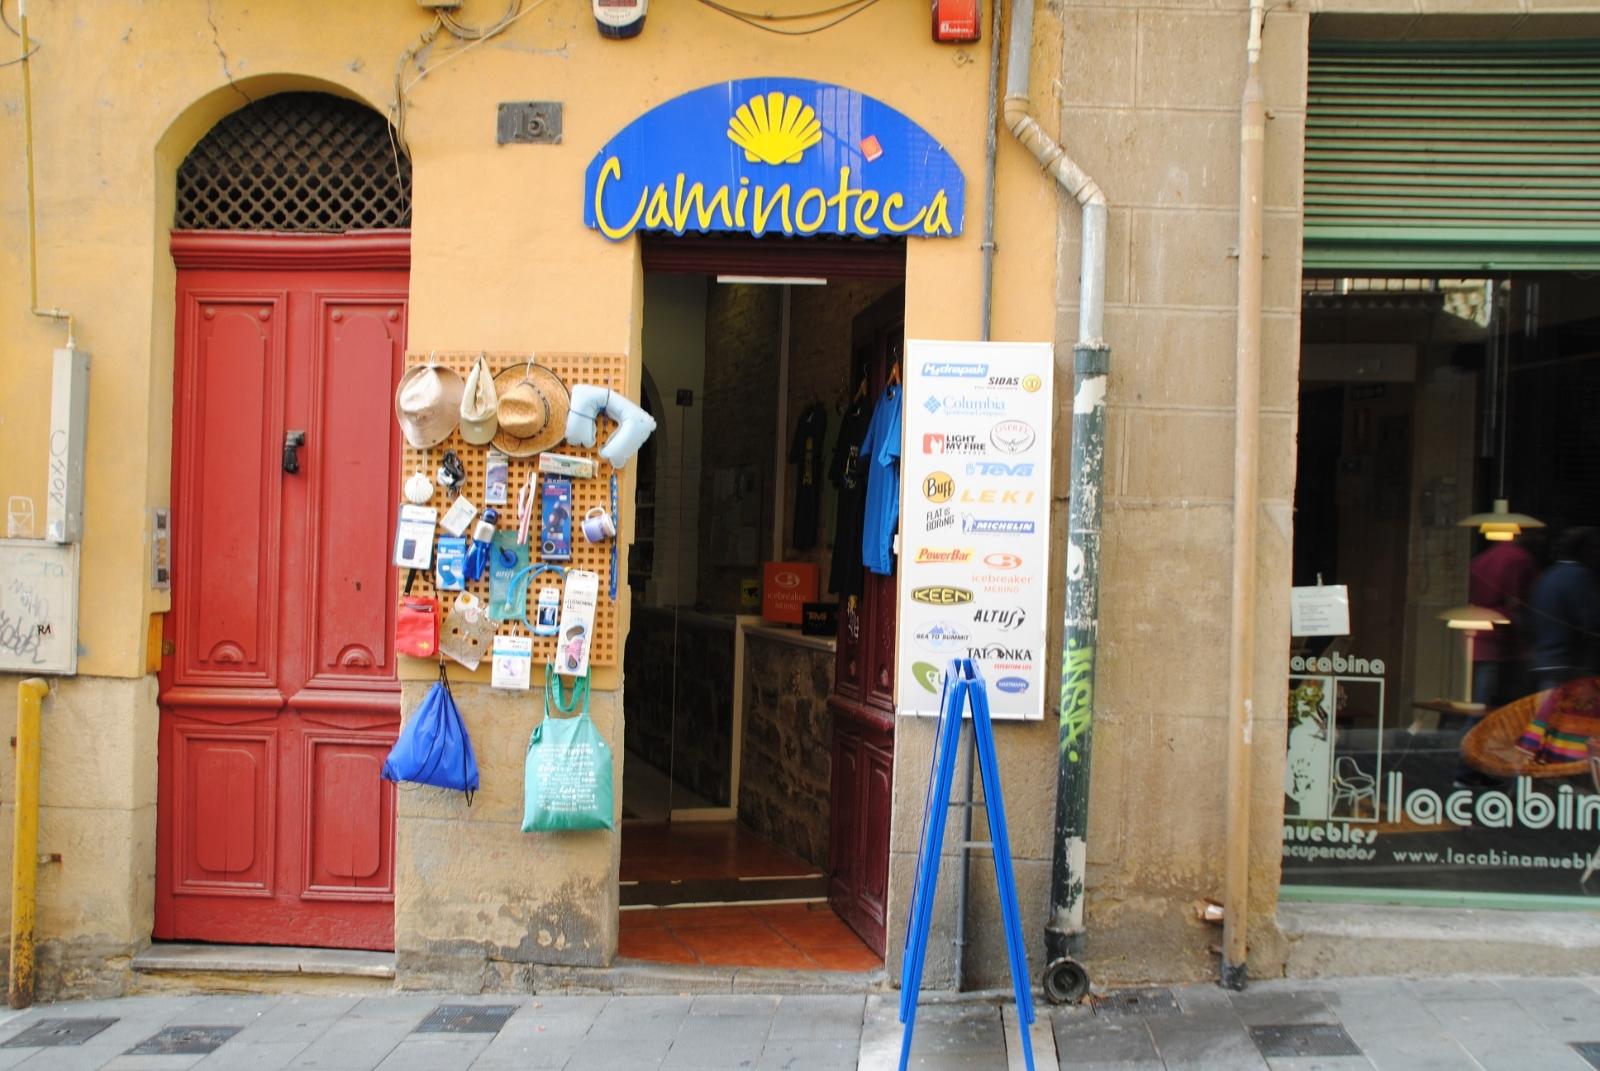 Alle Wege führen nach Rom- oder nach Santiago de Compostella. Hier gibt es sogar einen Laden der sich auf die Pilger spezialisiert hat.